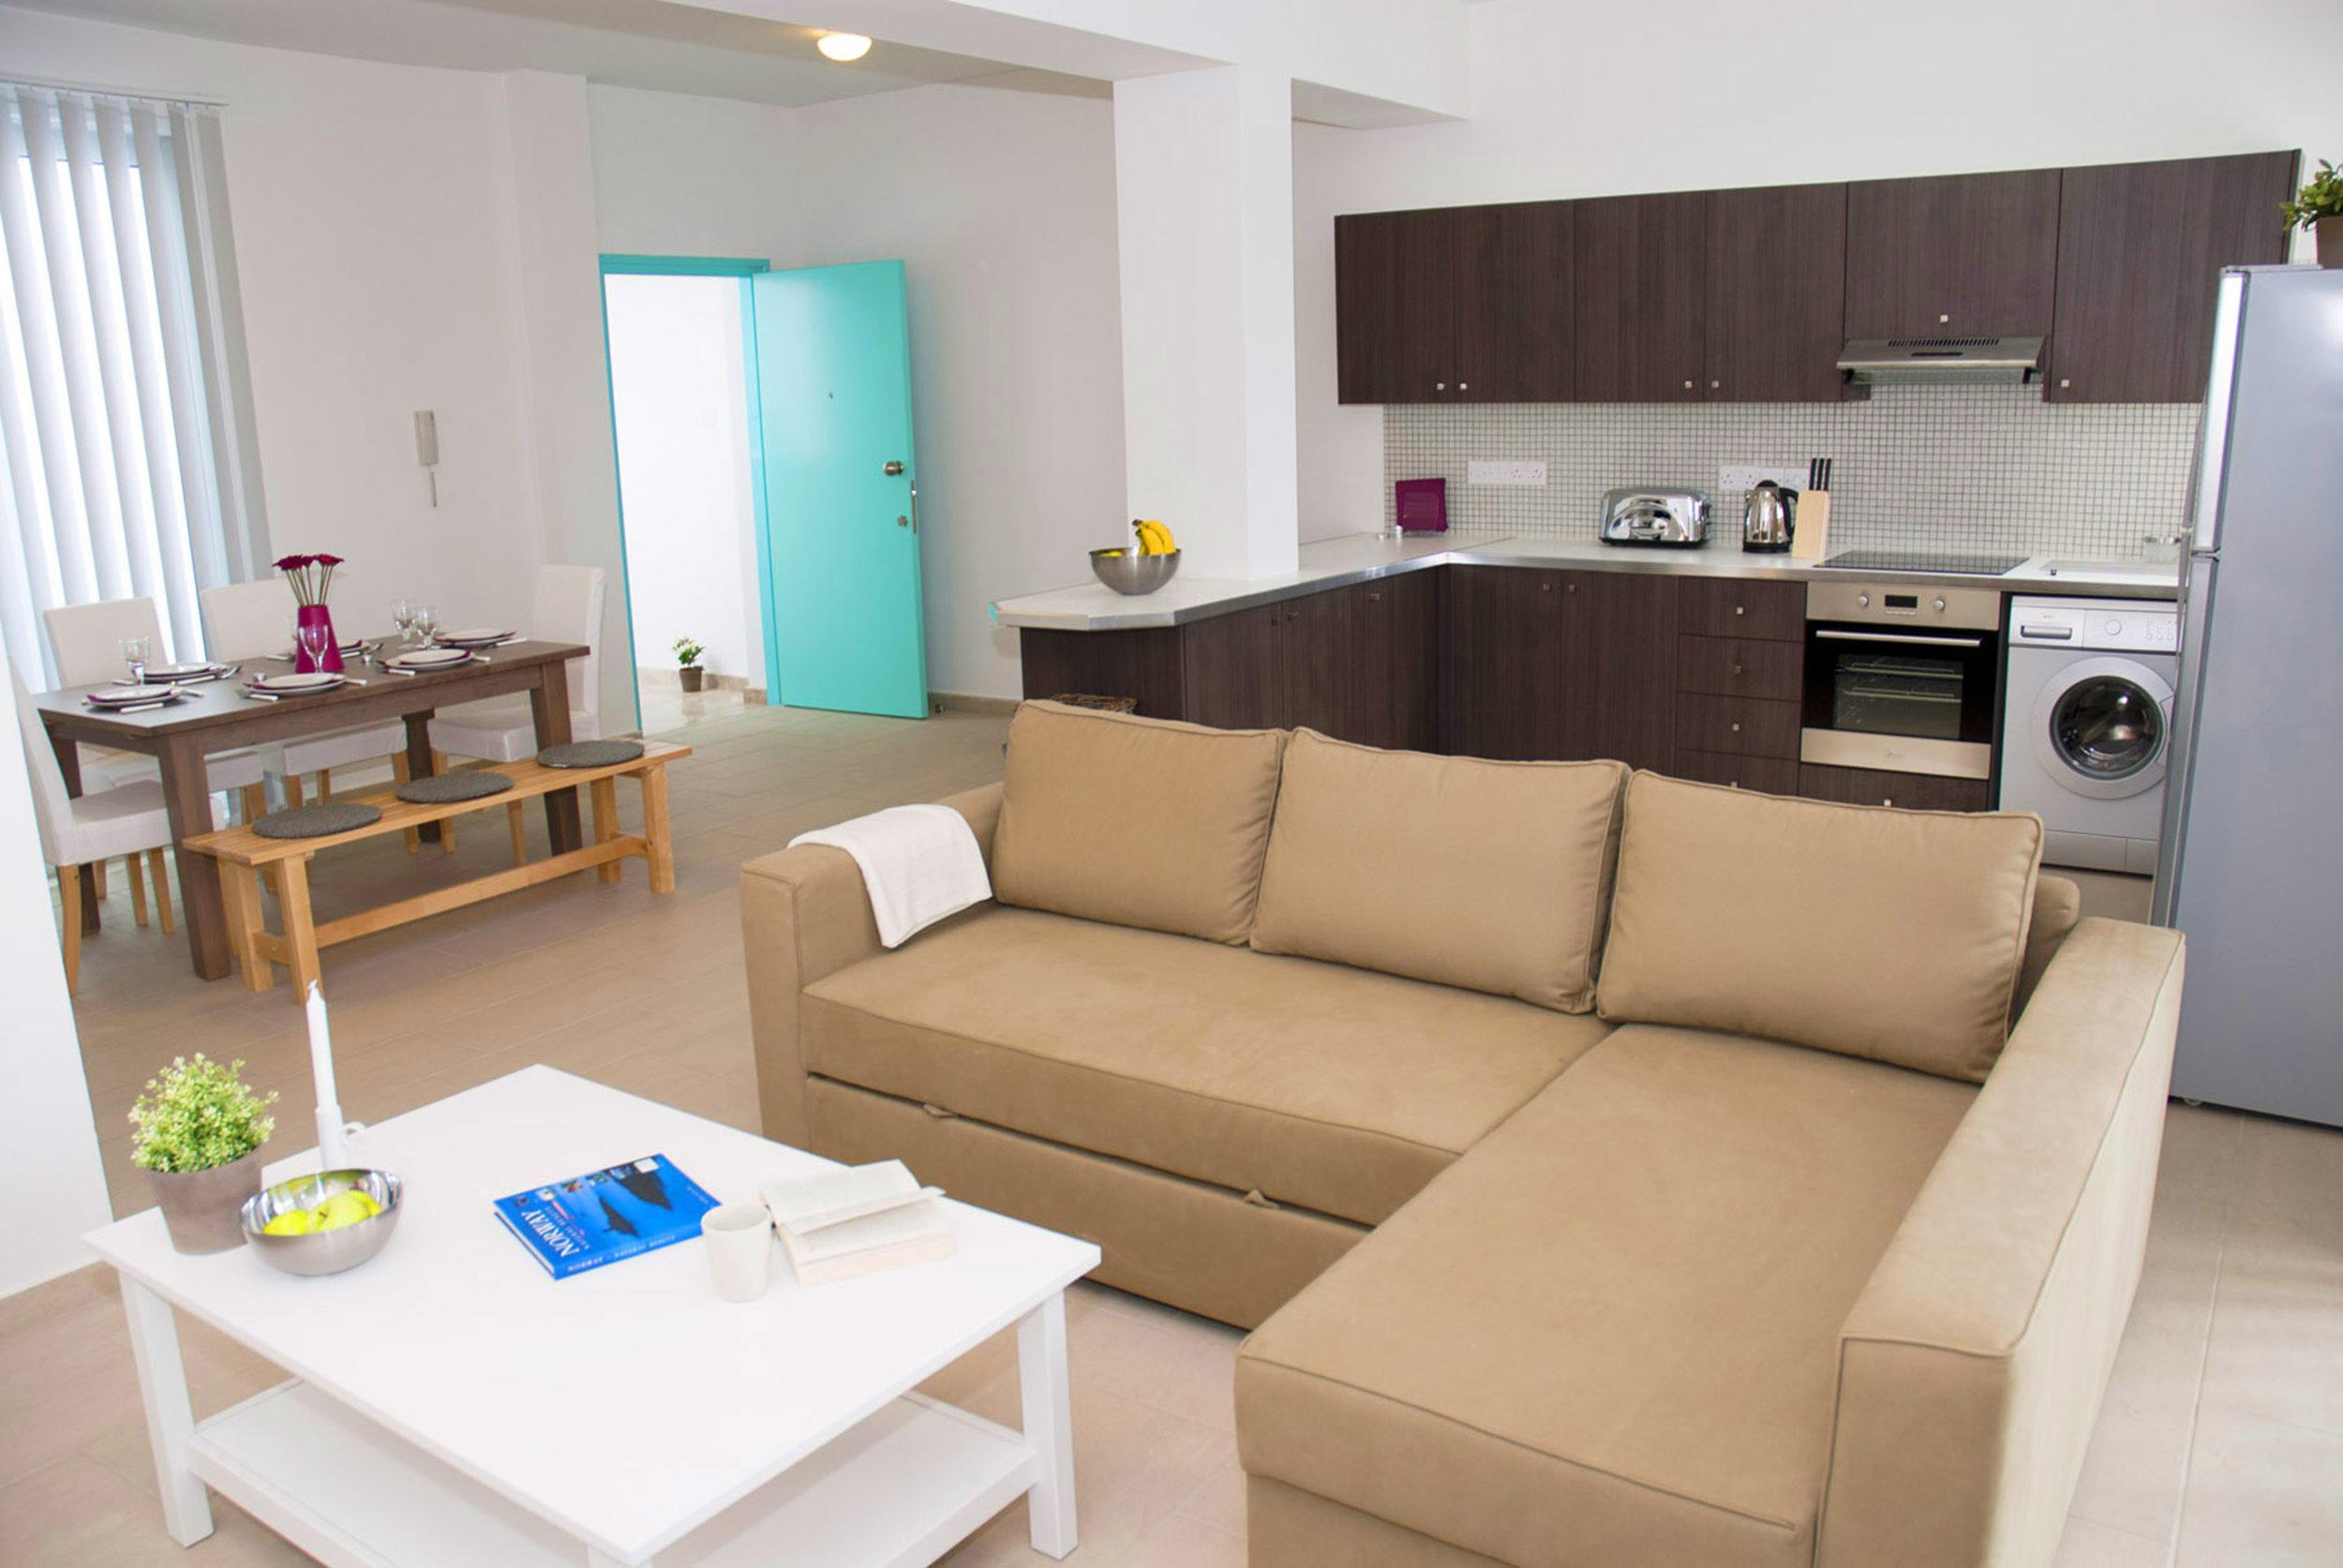 Livingroom_9.jpg